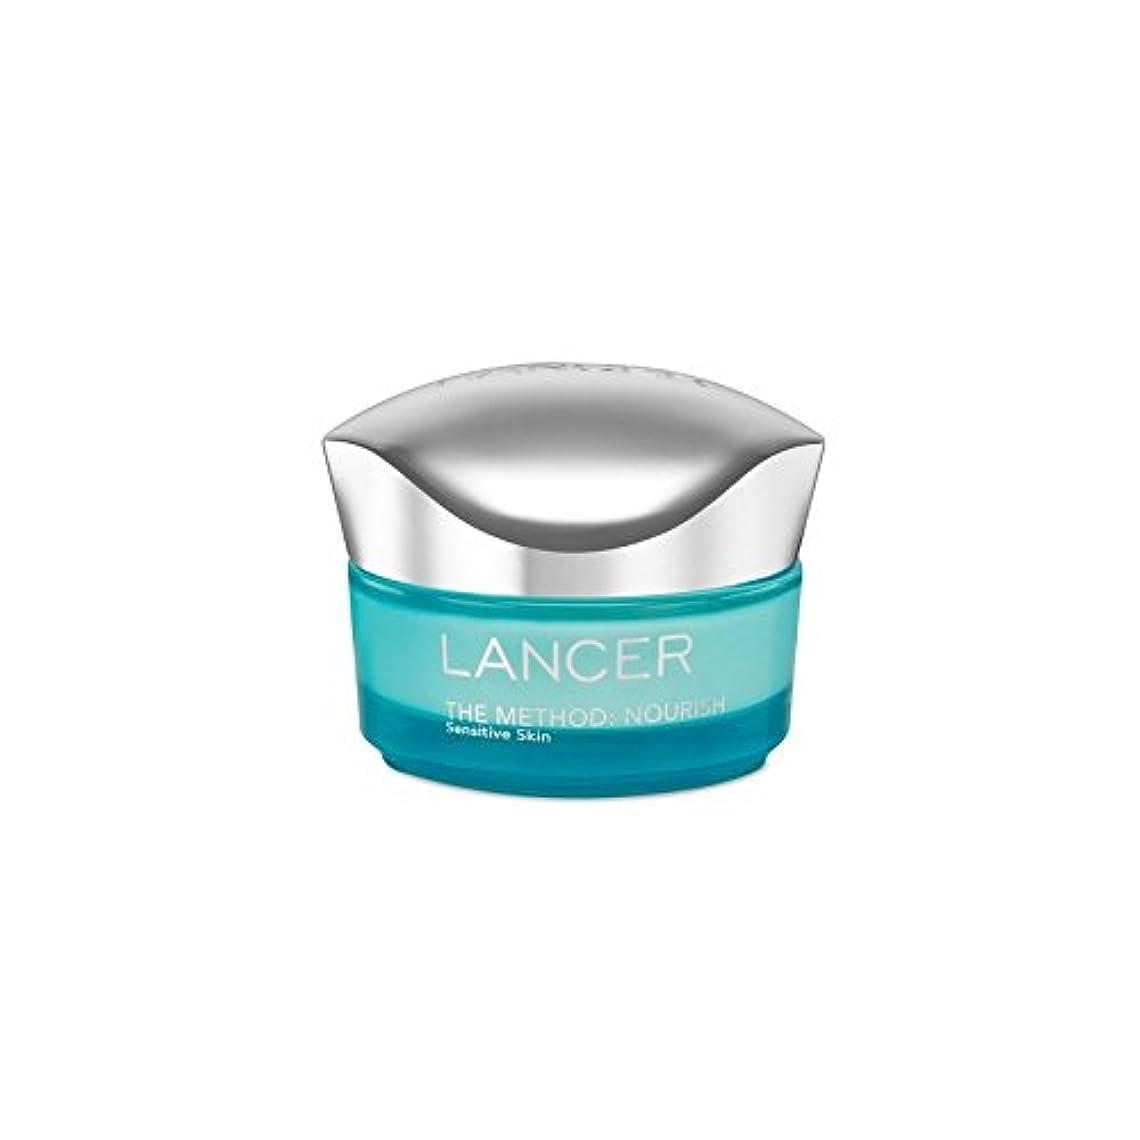 洗うオレンジ変位Lancer Skincare The Method: Nourish Moisturiser Sensitive Skin (50ml) - ランサーは、この方法をスキンケア:保湿敏感肌(50)に栄養を与えます [並行輸入品]